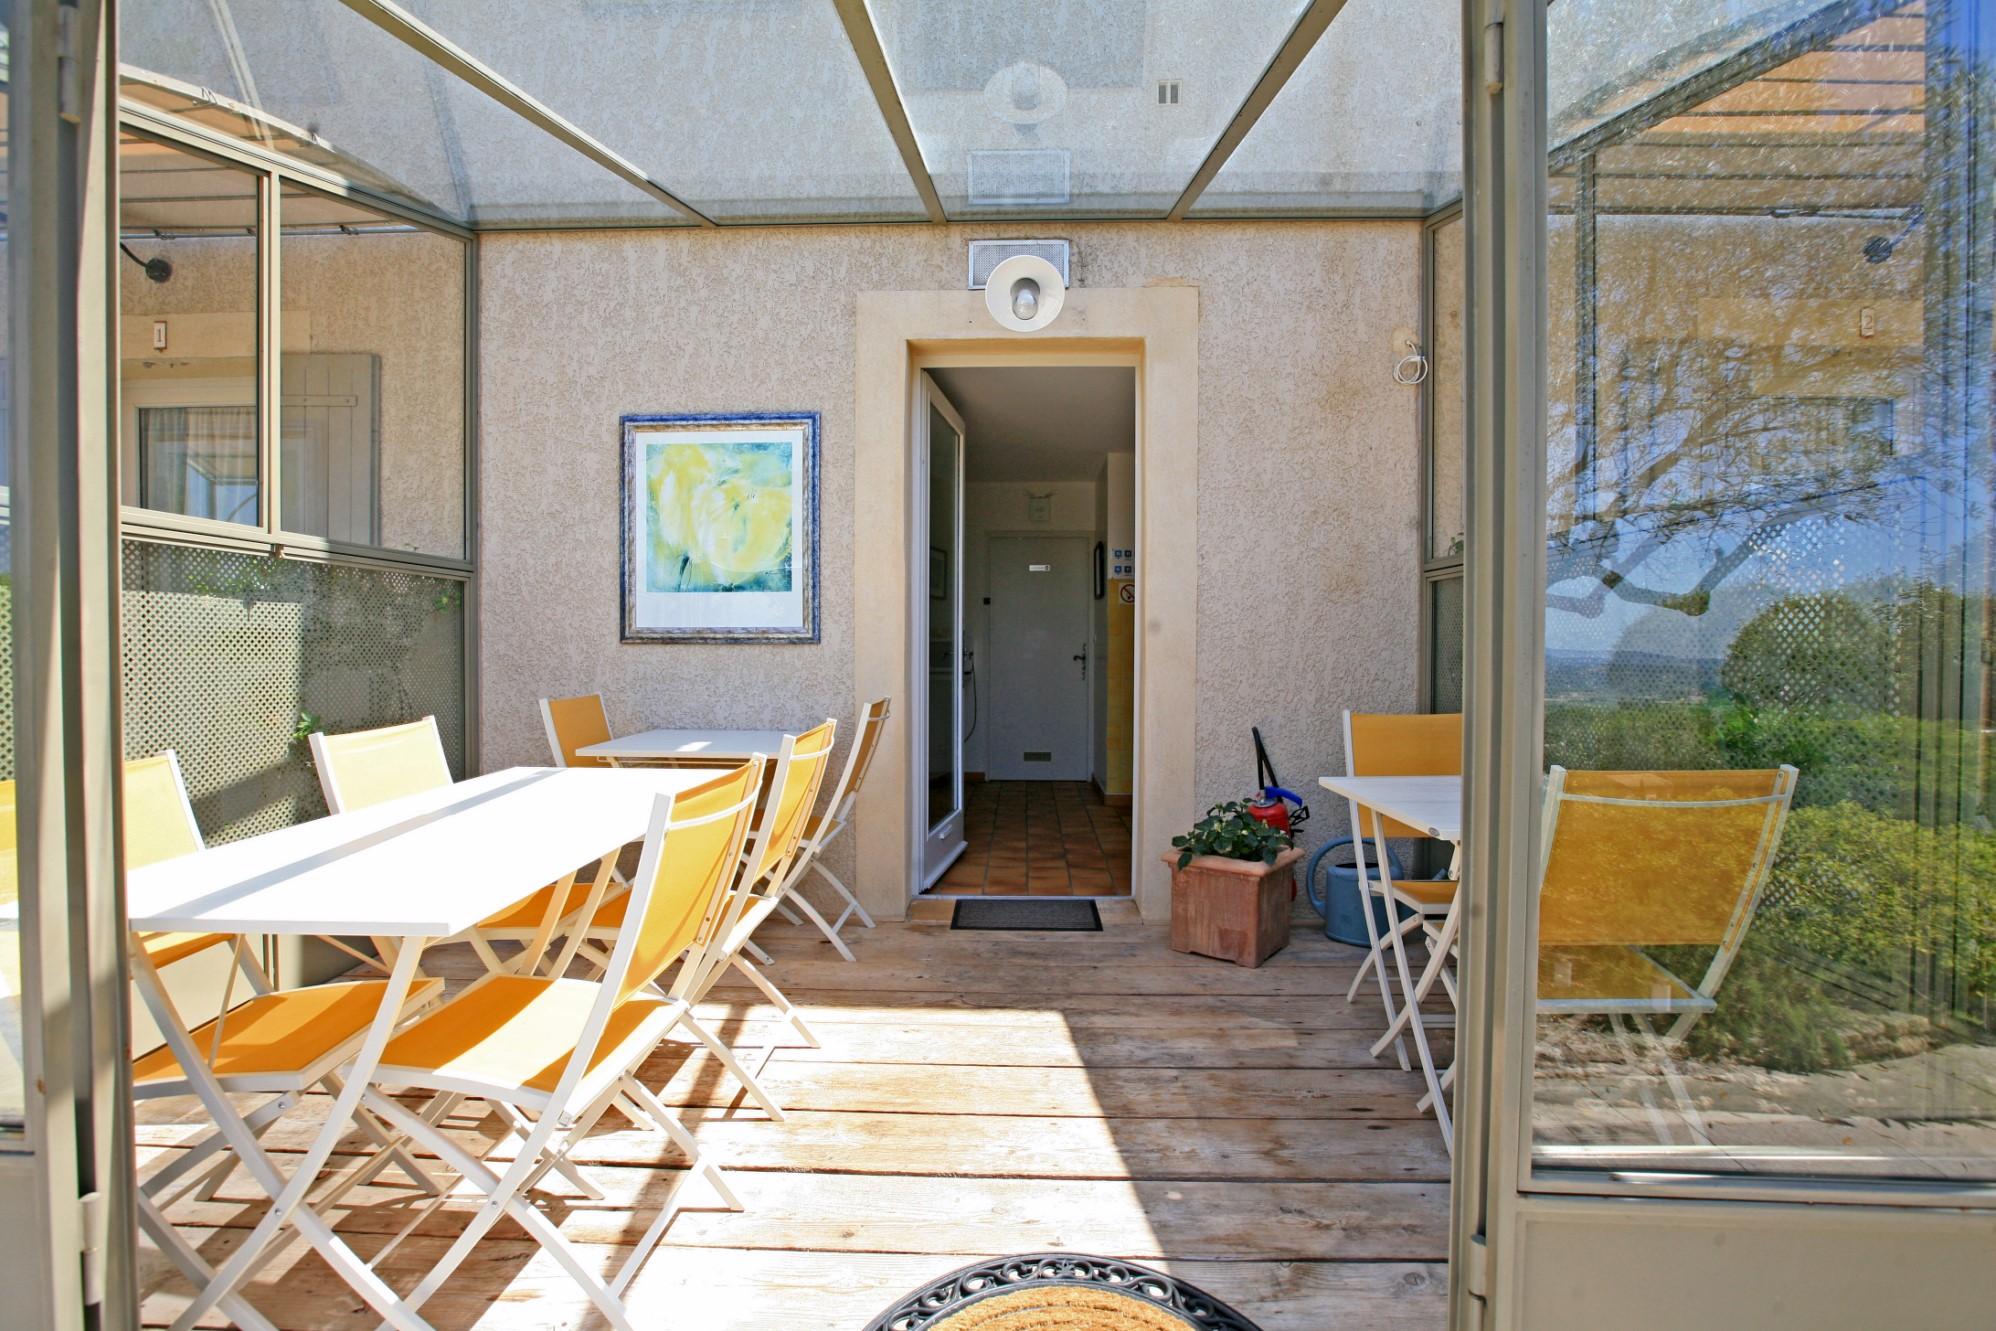 ventes propri t avec chambres d 39 h tes en vente en luberon avec vues sublimes agence rosier. Black Bedroom Furniture Sets. Home Design Ideas